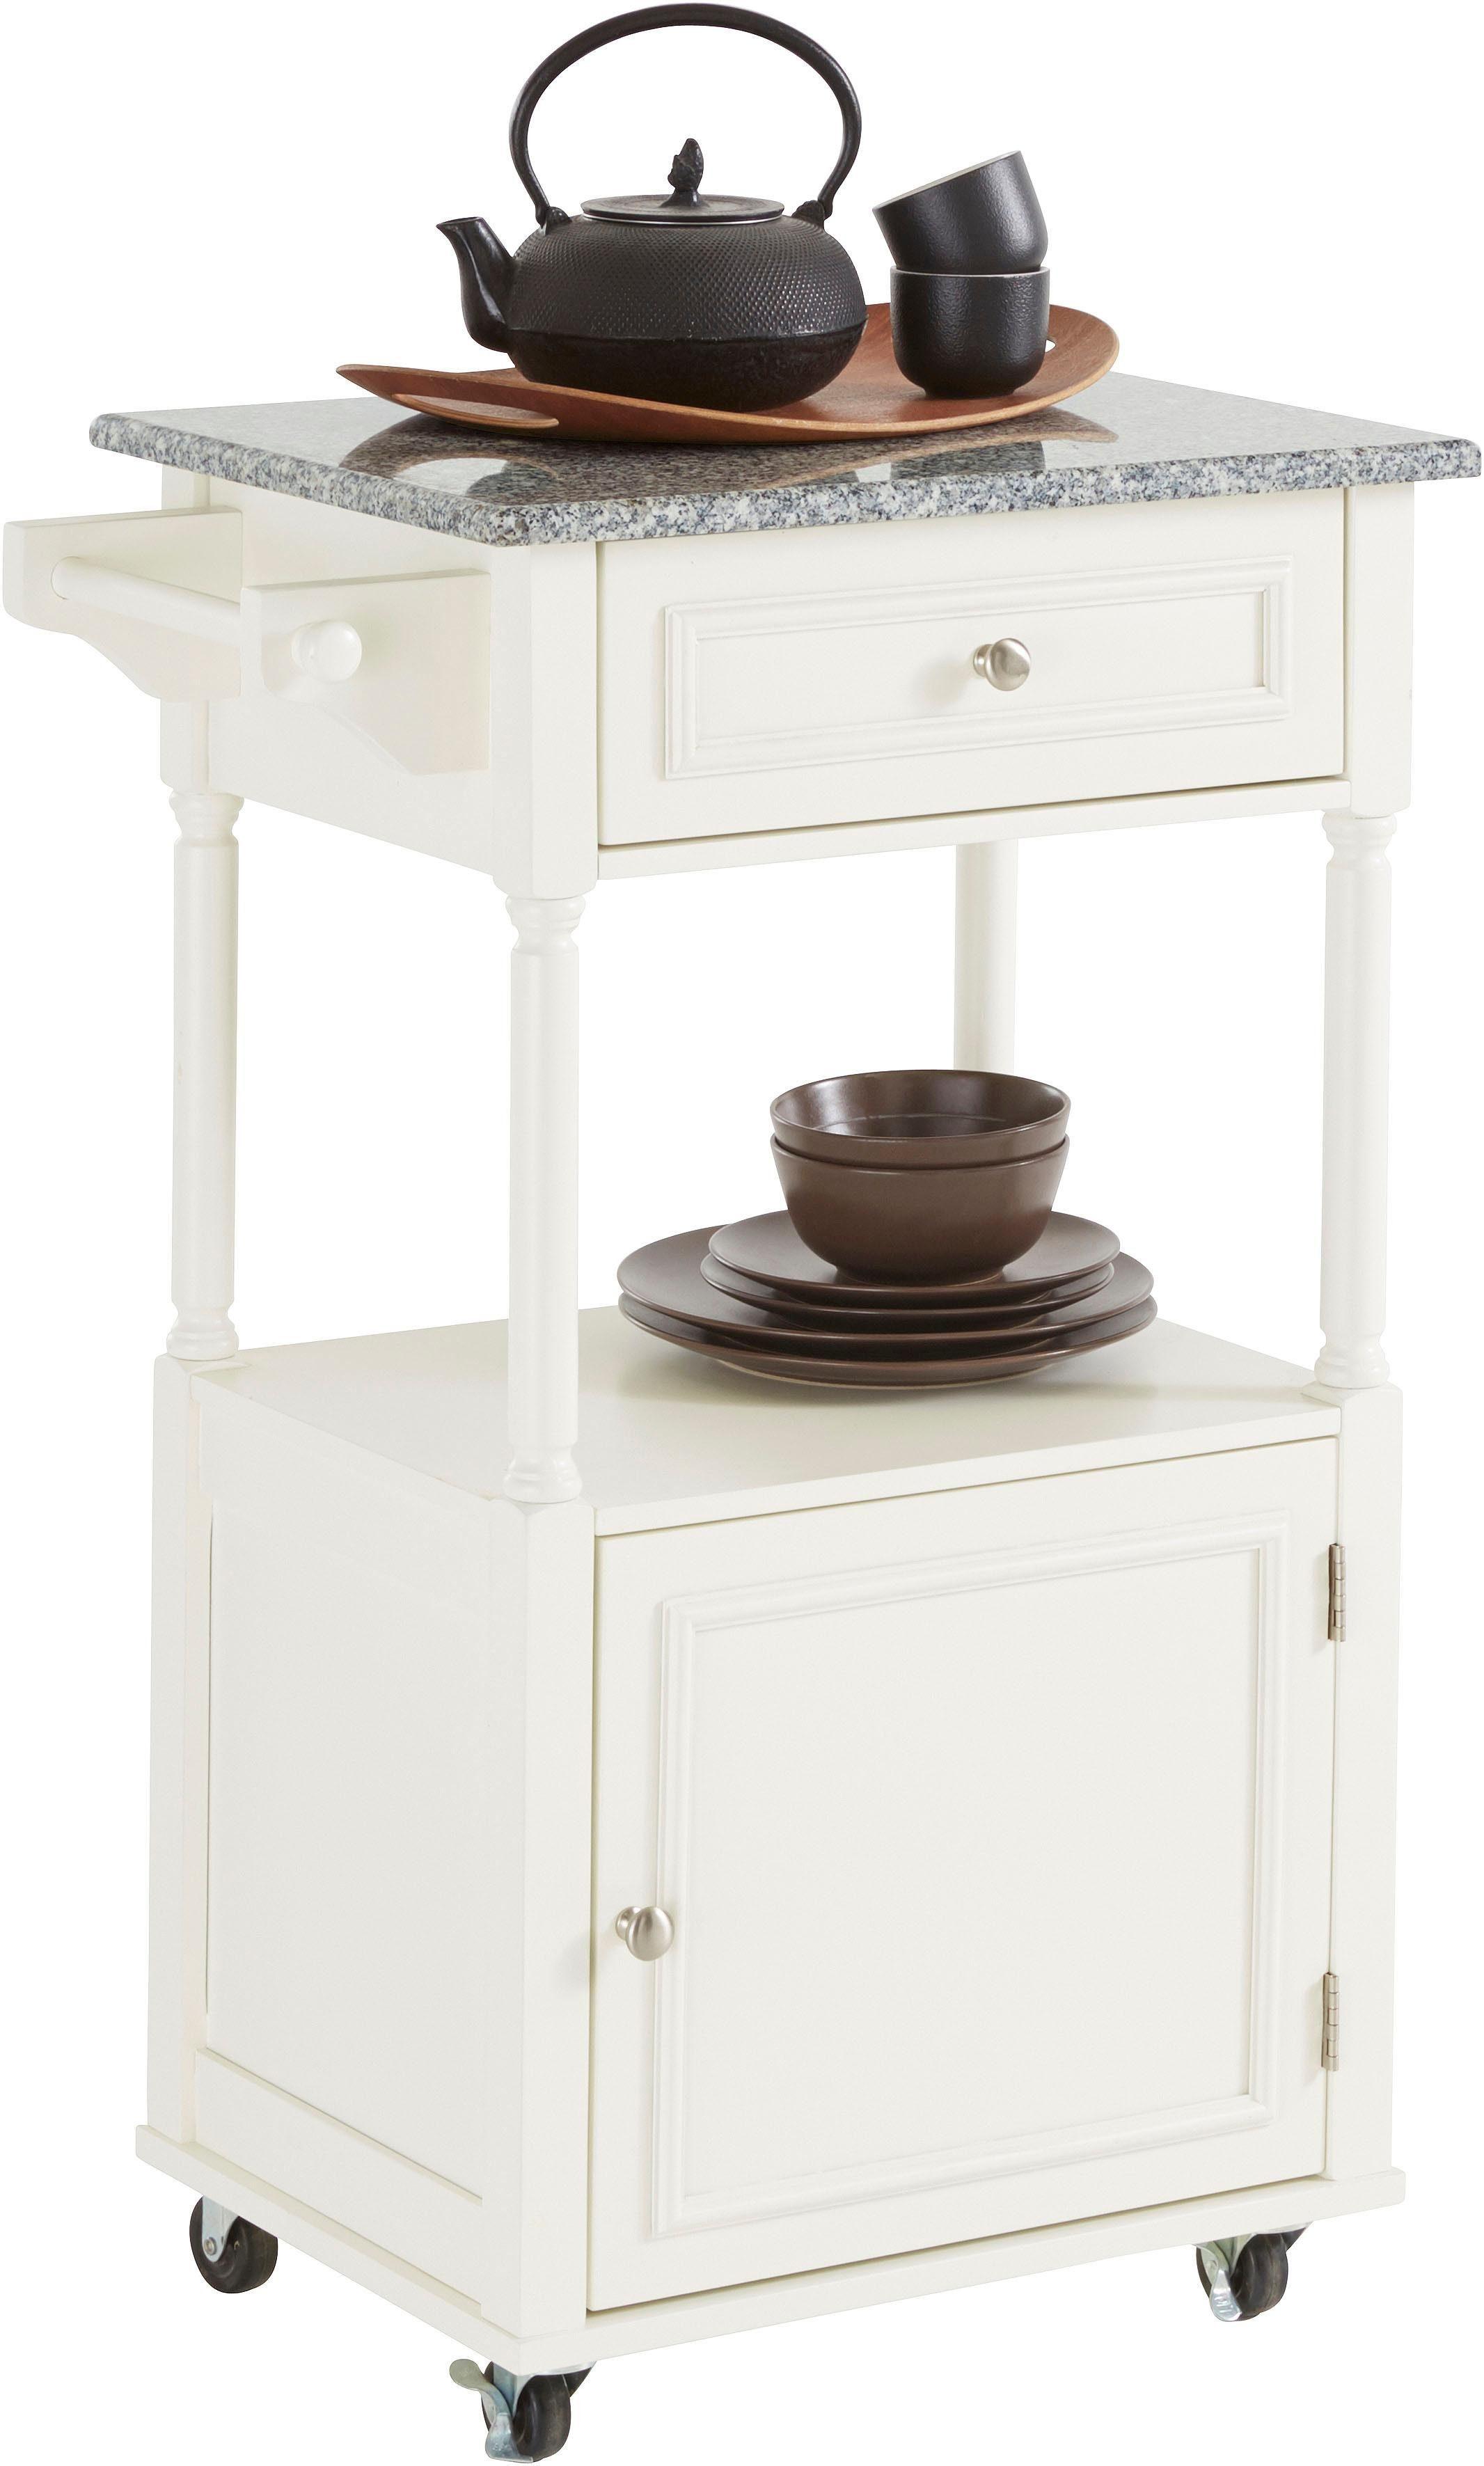 Home affaire Küchenwagen mit Tischplatte aus Marmor, Breite 60 cm